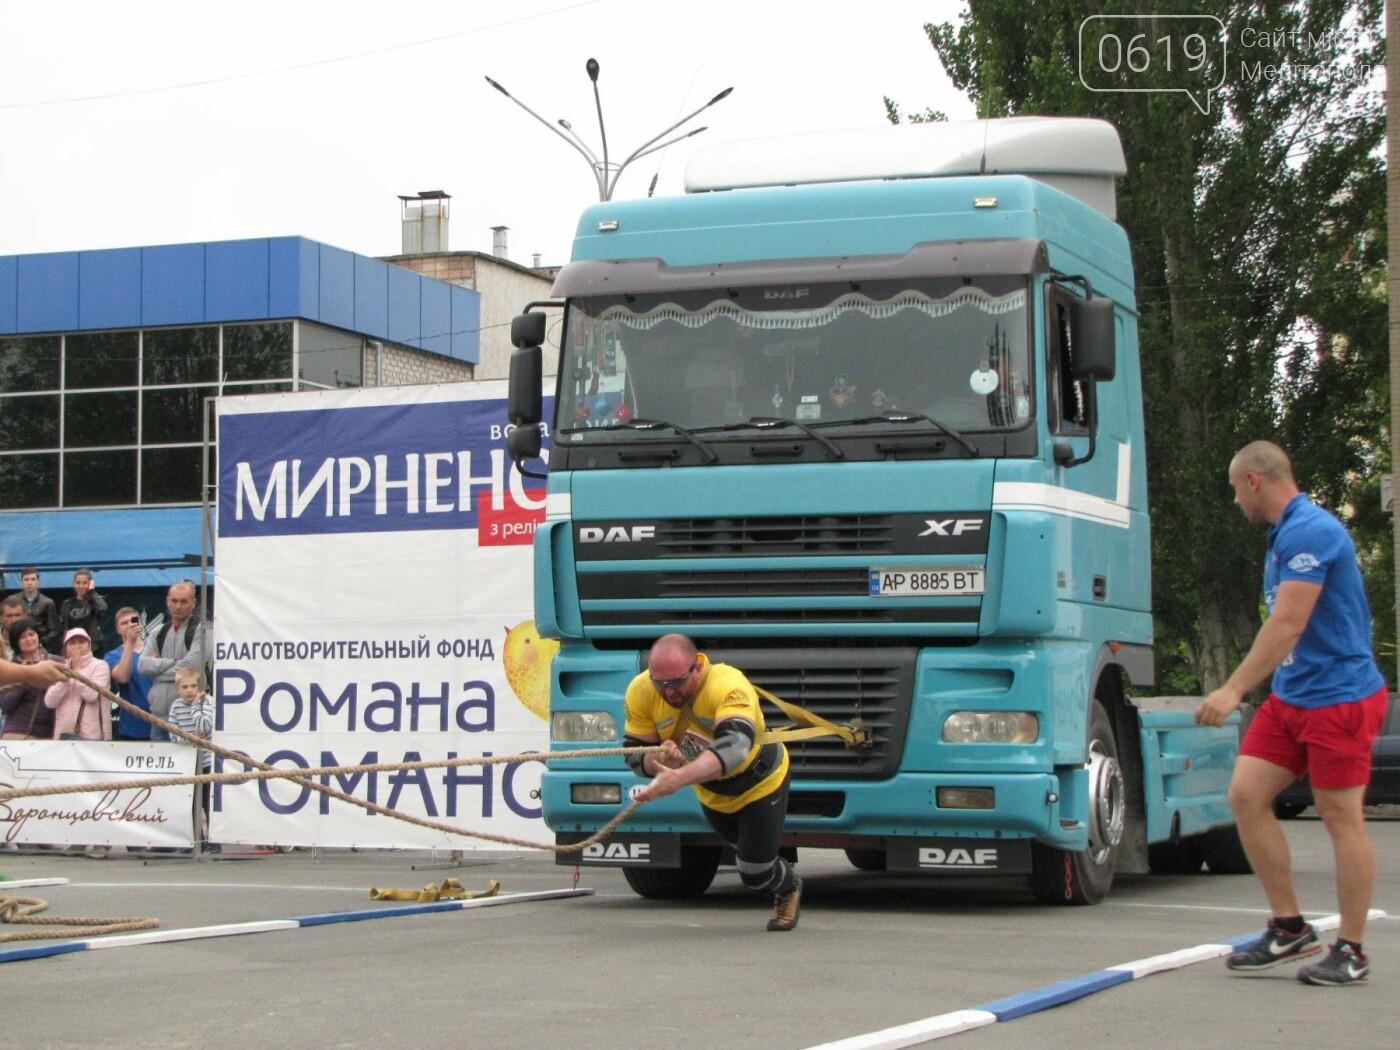 Три победы за неделю: мелитопольский богатырь выиграл второй этап международного чемпионата, фото-14